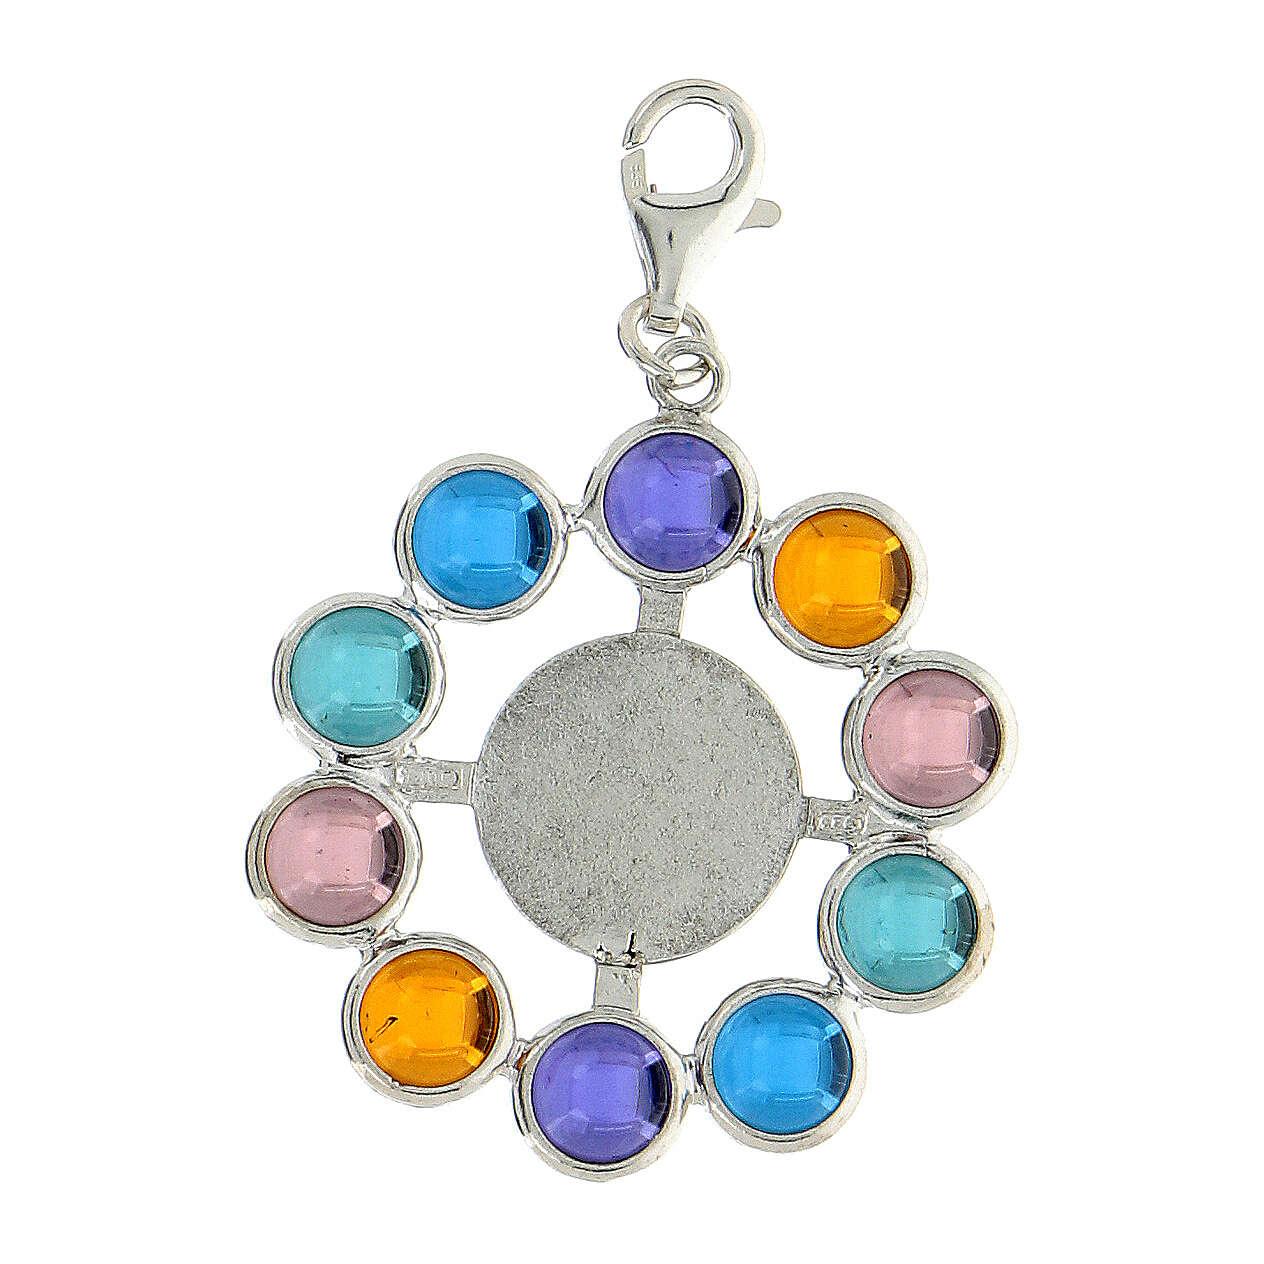 Pendentif chapelet grains 6 mm siamite multicolore argent 925 4